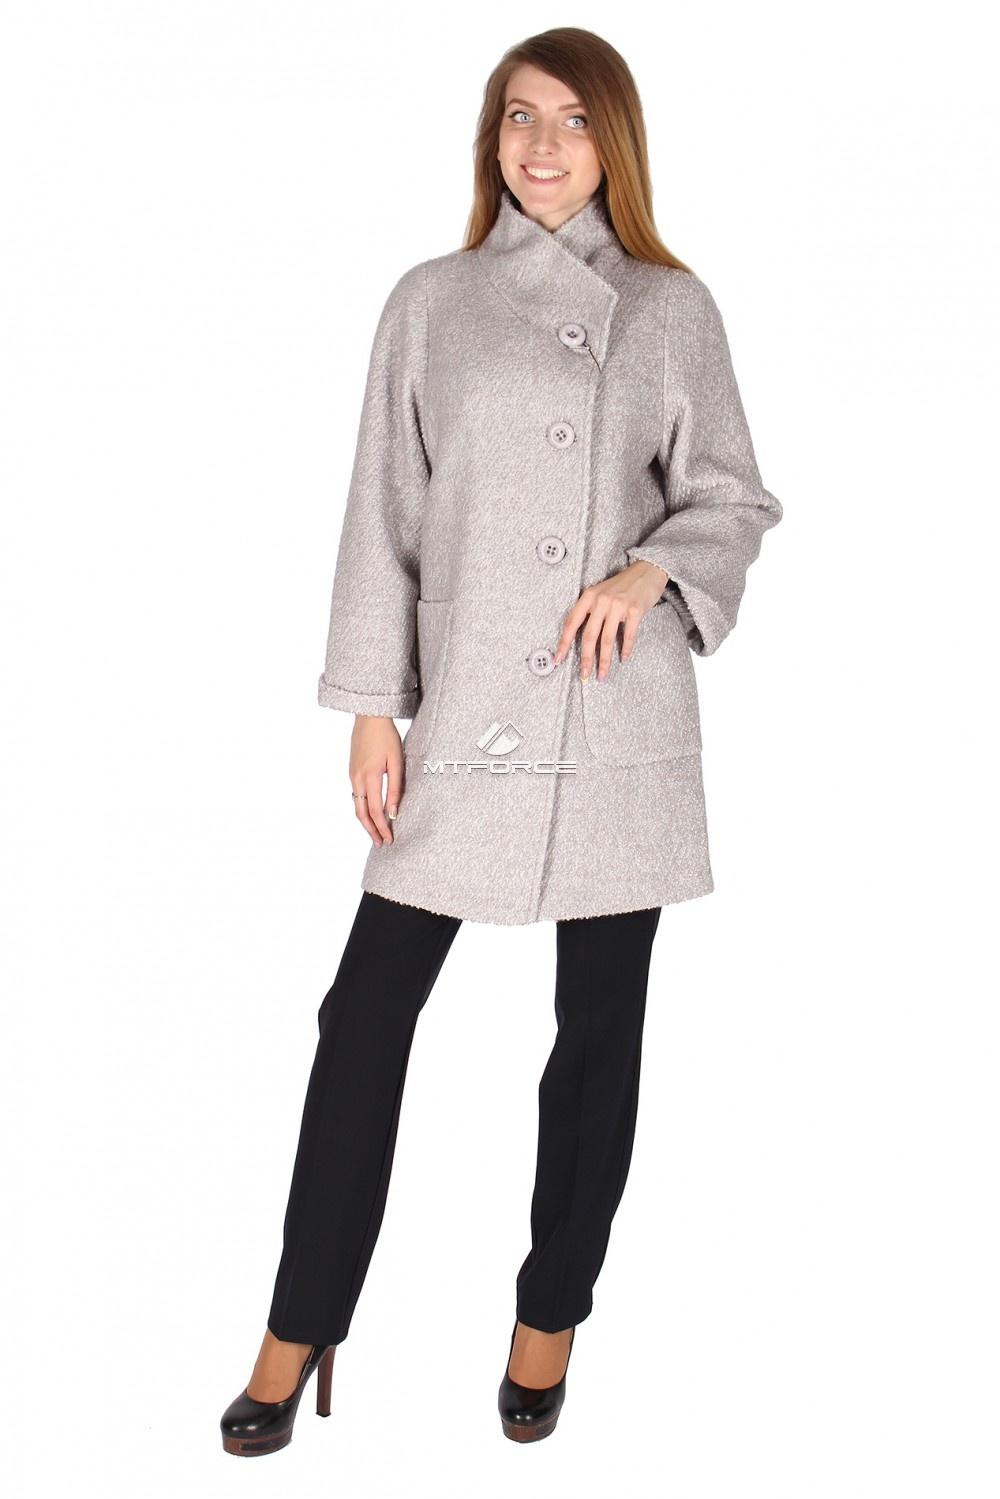 Купить                                  оптом Пальто женское серого цвета 16257Sr